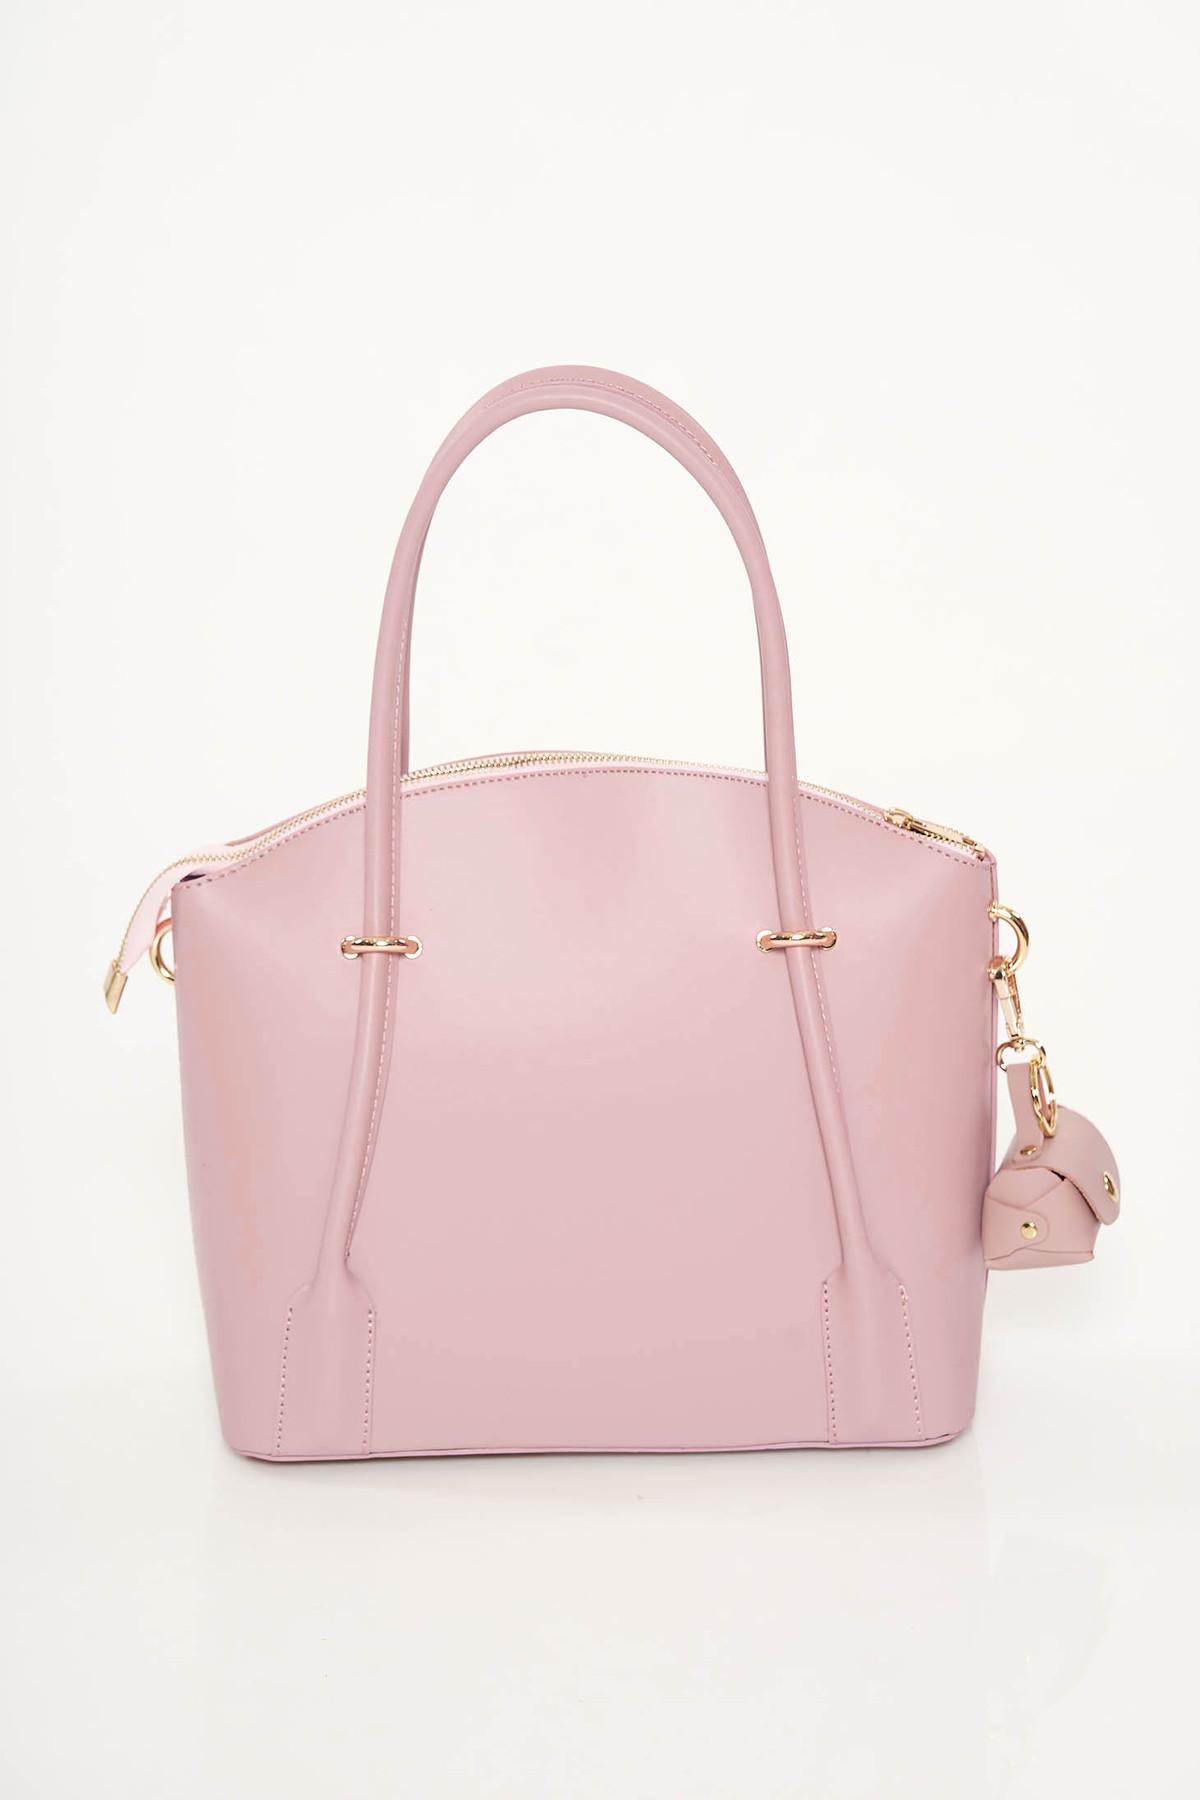 Geanta dama rosa office din piele naturala cu doua compartimente si buzunare interioare